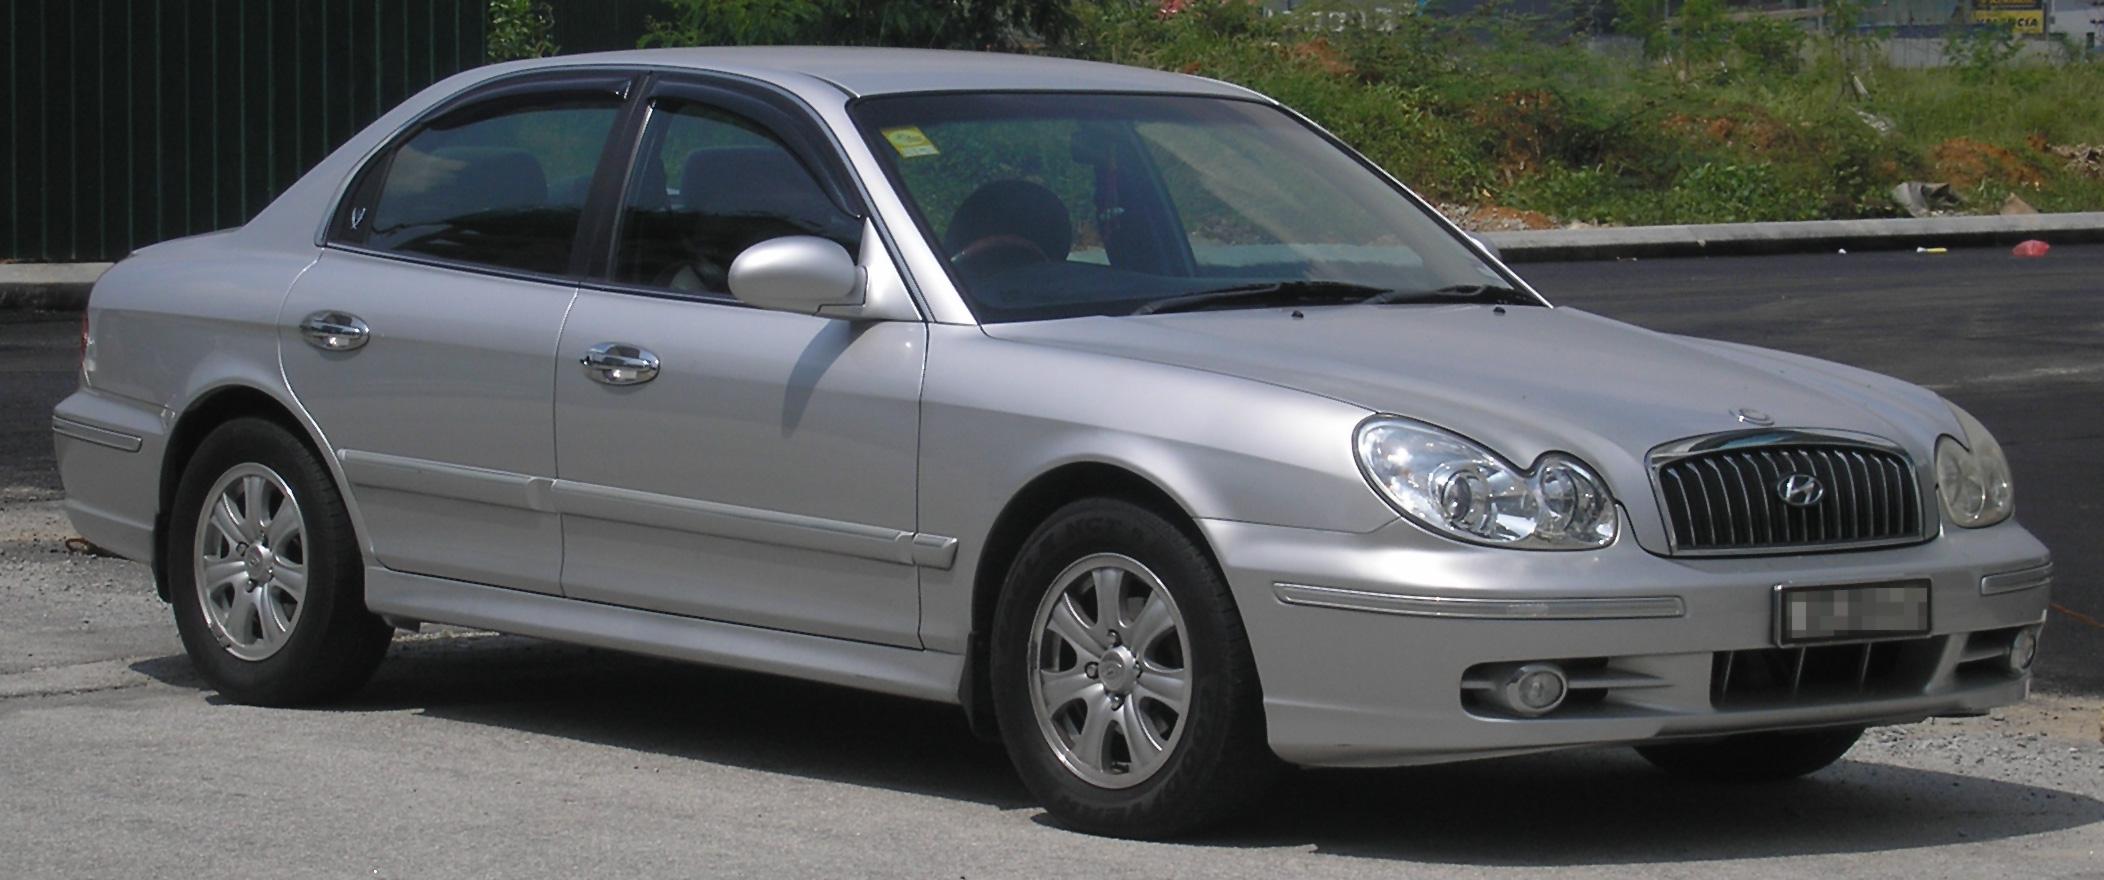 2007 Hyundai Sonata Image 17